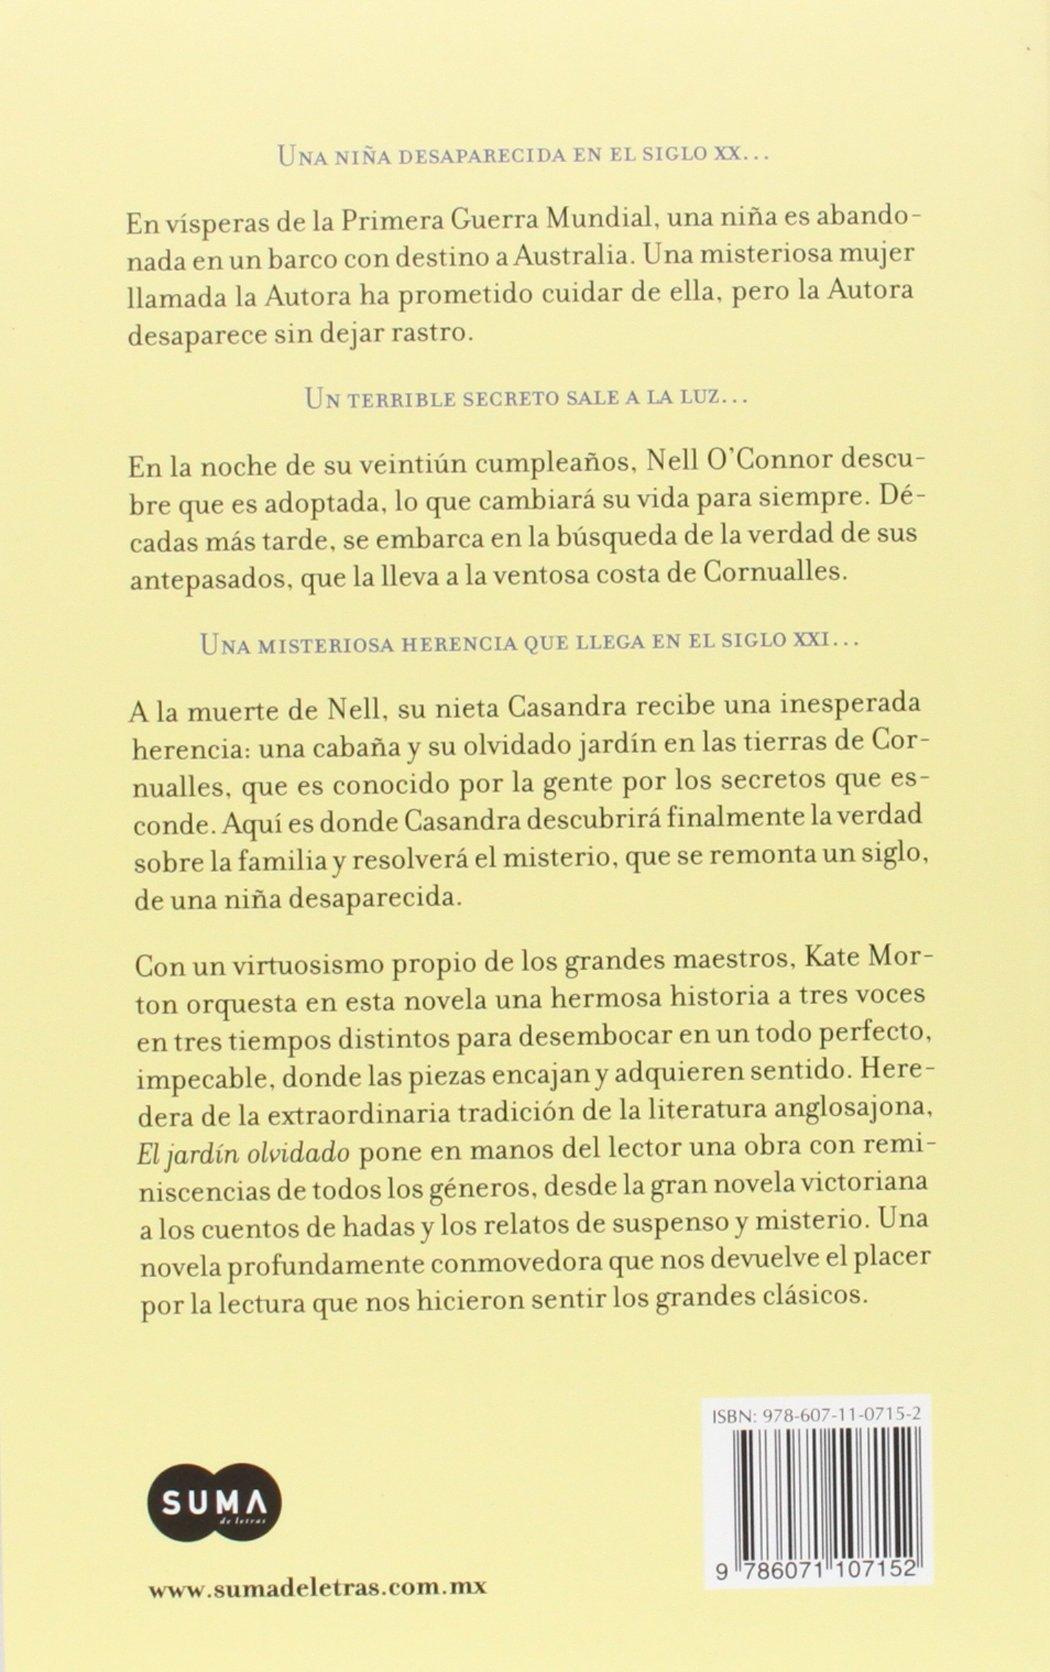 El Jardin Olvidado=The Forgotten Garden: Amazon.es: Monton, Kate: Libros